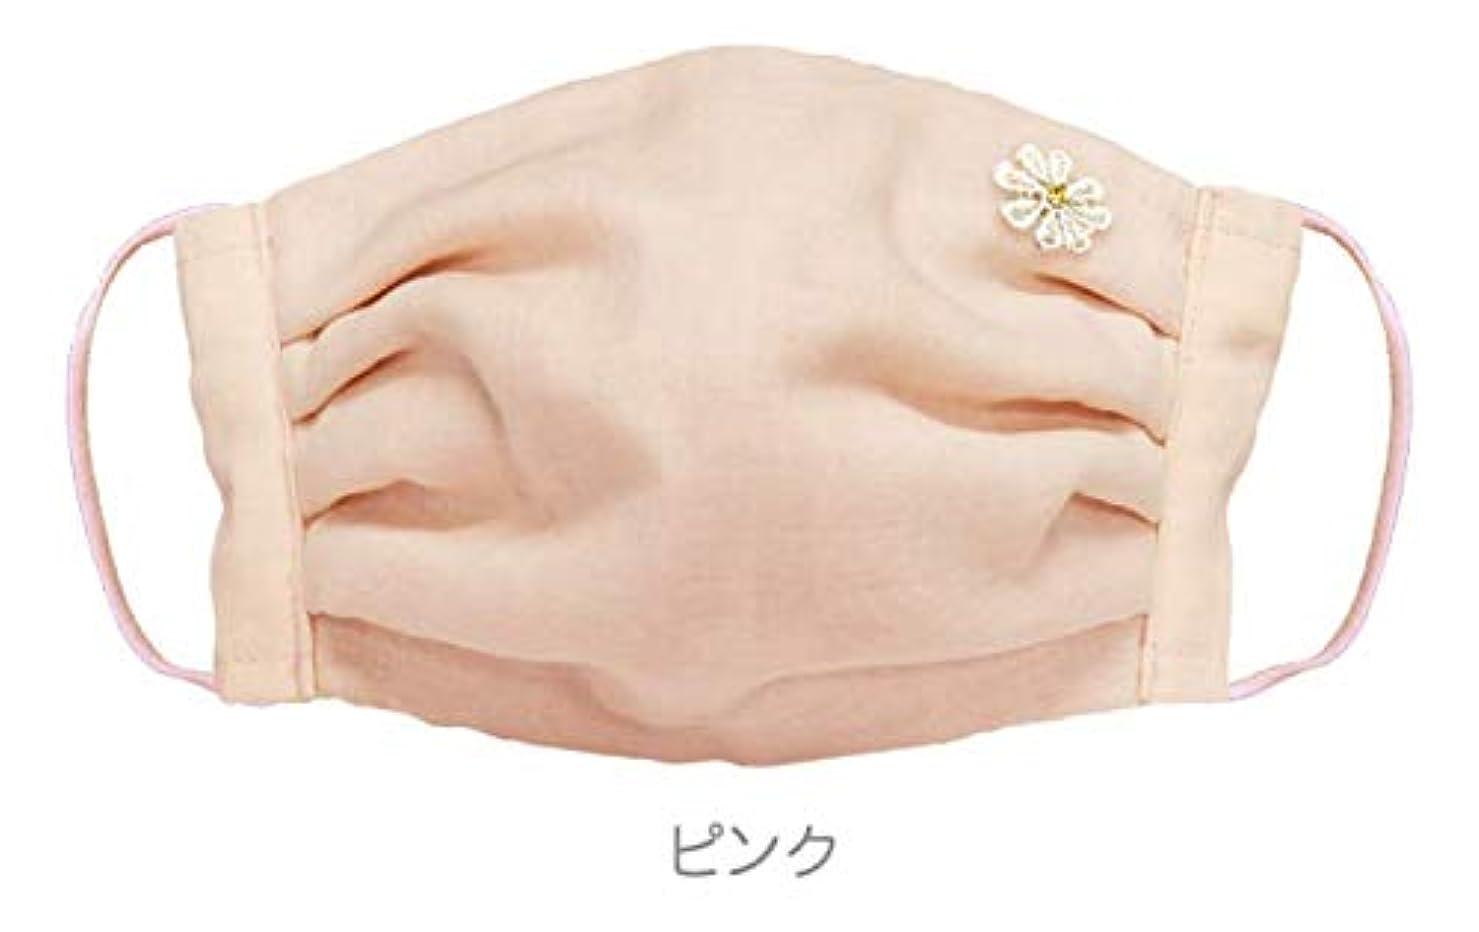 超高層ビルおもてなしチケットスリーピング マスク 今治産 タオル マスクおやすみマスク睡眠 安眠 乾燥対策 防寒 就寝 うるおい 保湿 可愛い 寝るとき マスク日本製 プレゼント (ピンク)